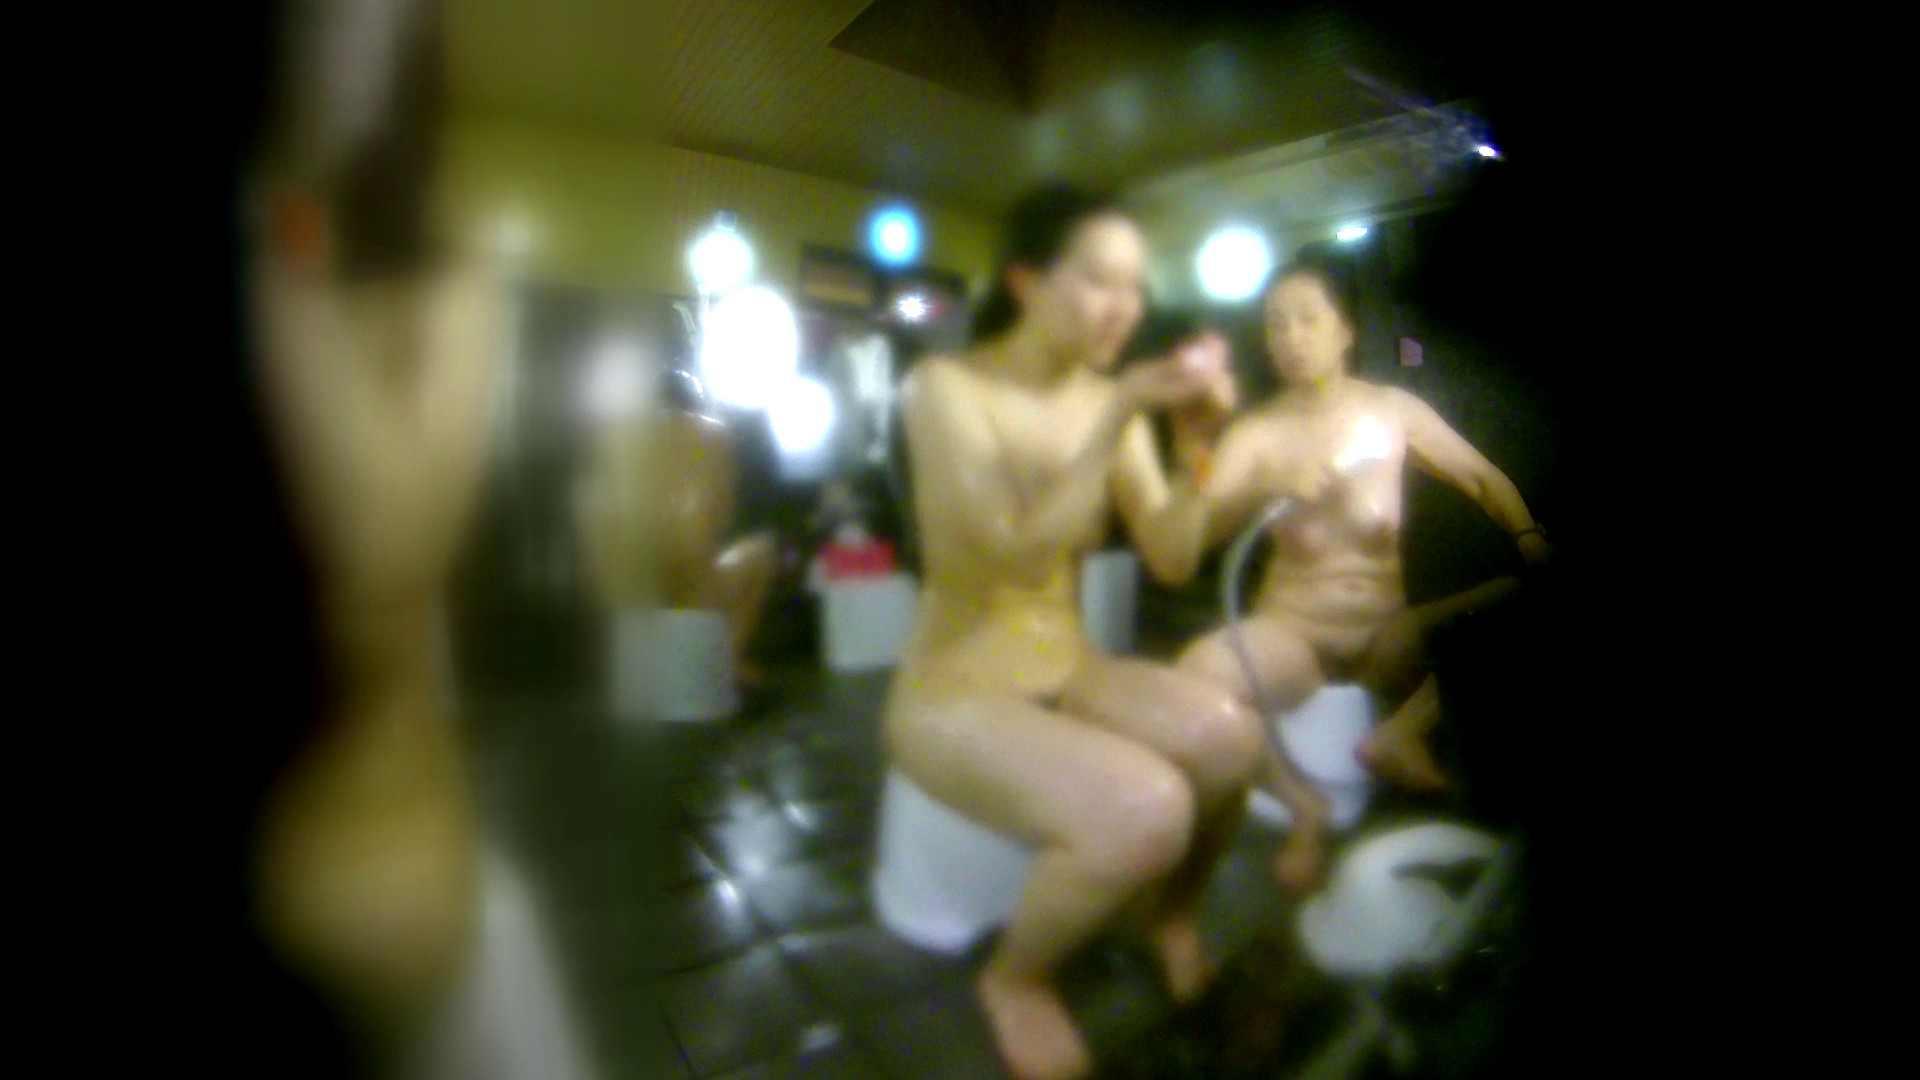 洗い場!右足の位置がいいですね。陰毛もっさり! 潜入 オメコ動画キャプチャ 111画像 96